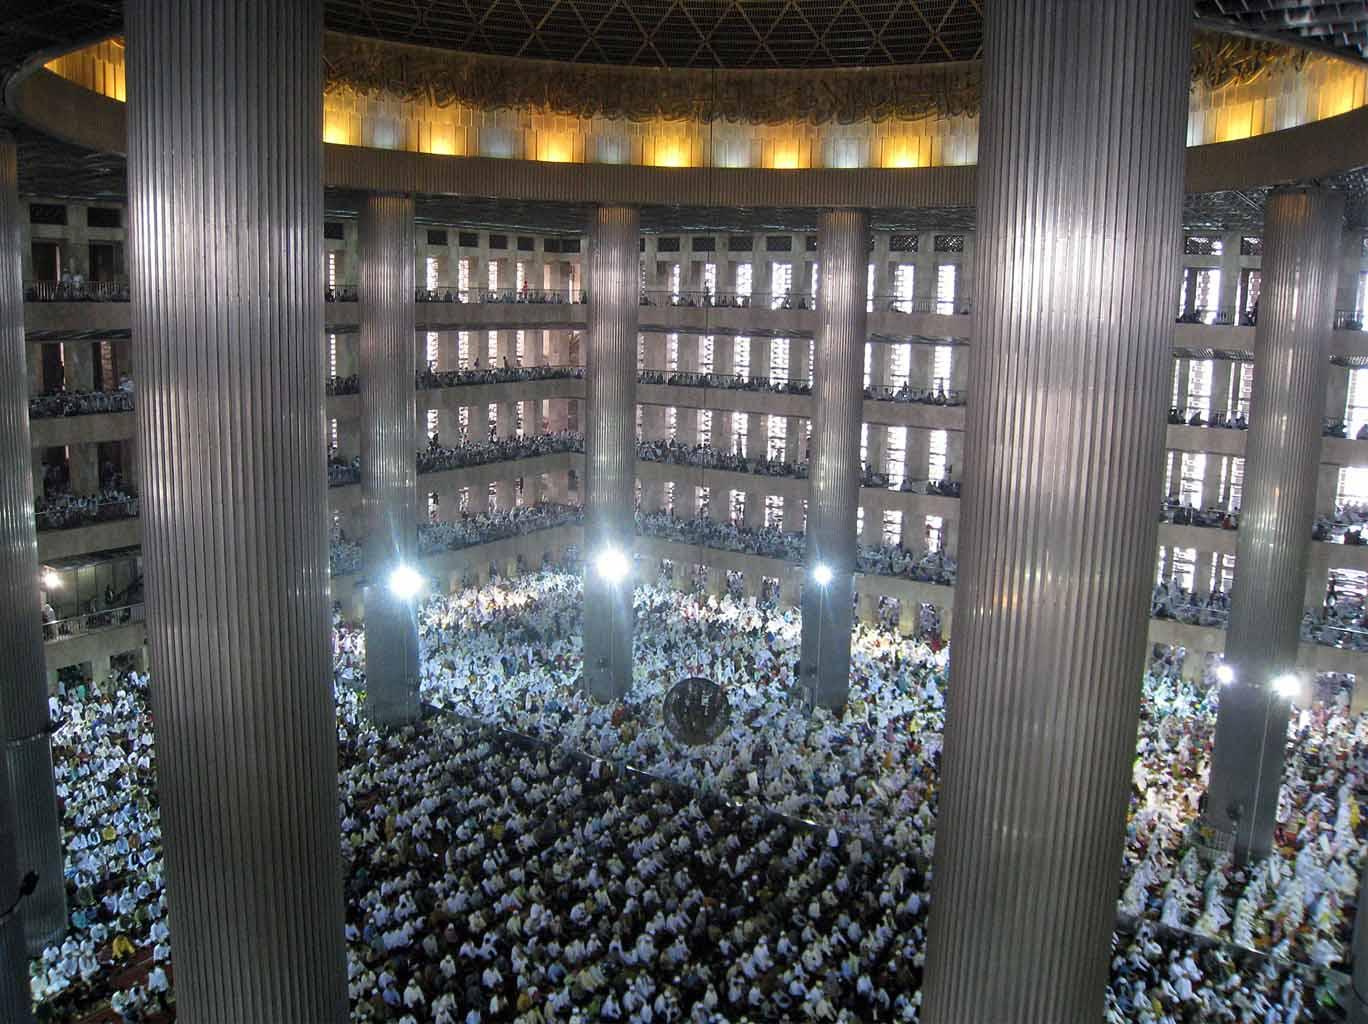 Islam dan Demokrasi, Sebuah Kisah Menunggu Godot?